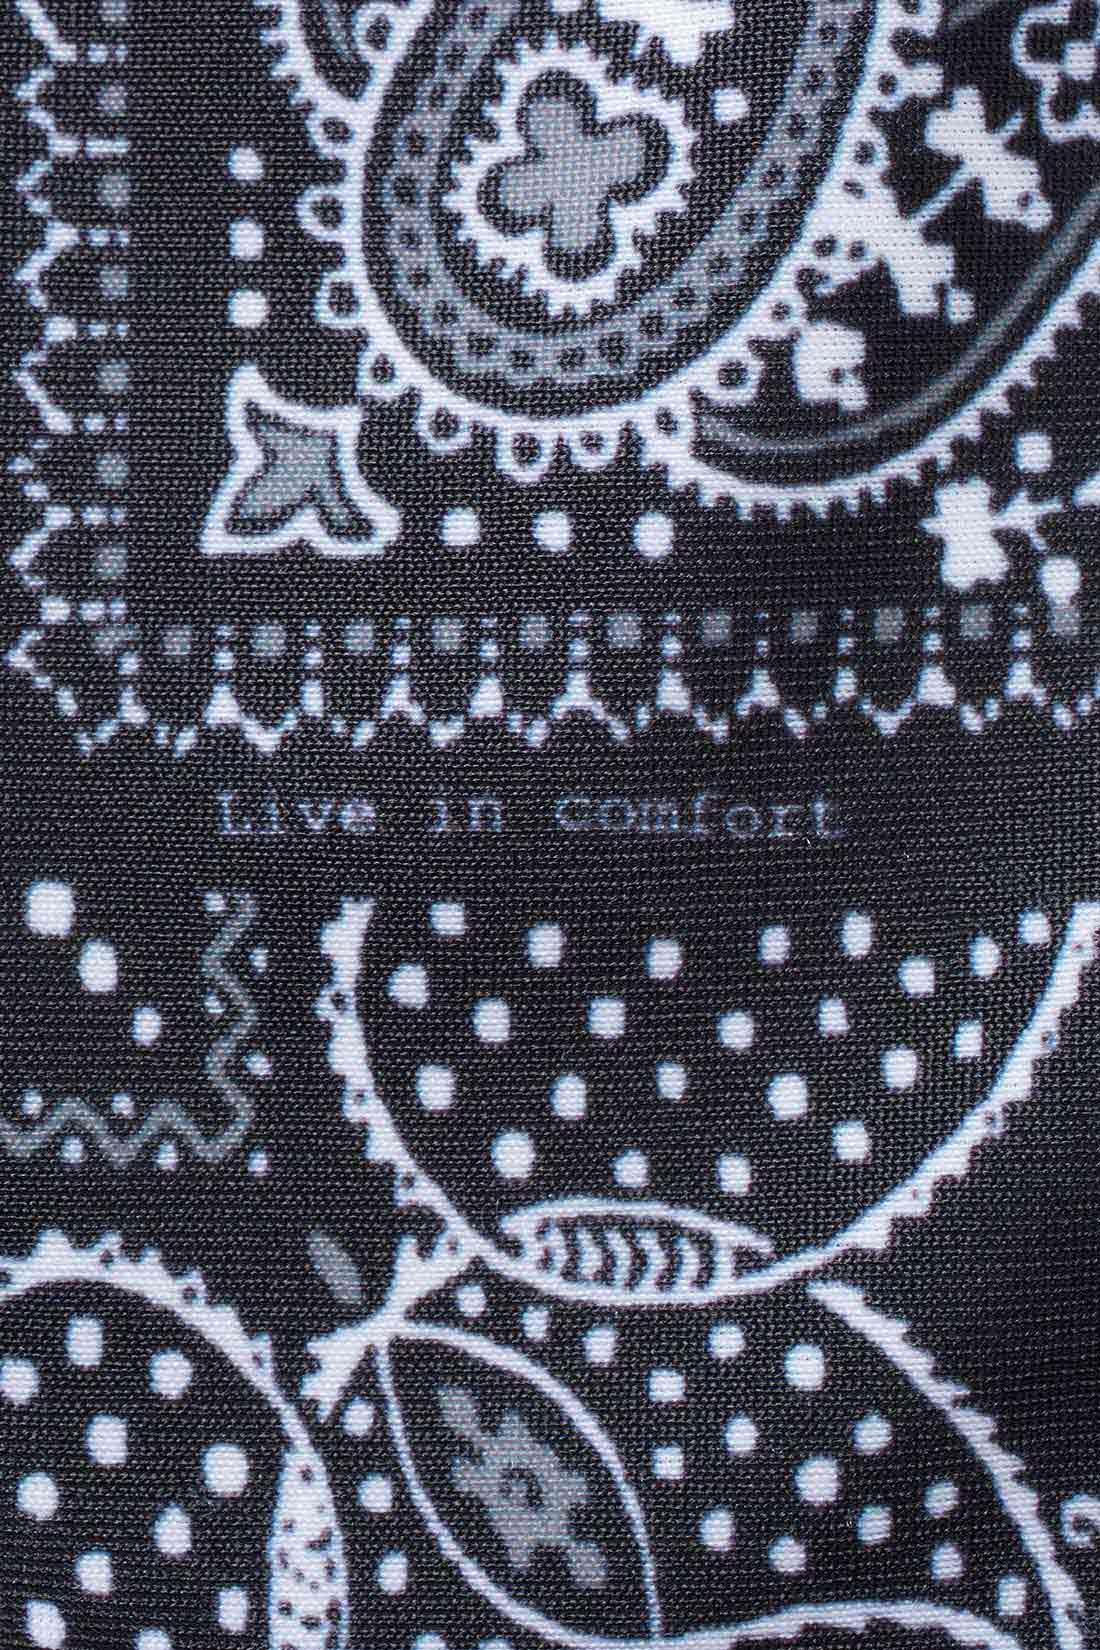 旬なバンダナ柄もモノトーンだから大人かわいい印象。よく見ると、柄の中に「Live in comfort」のロゴ発見!